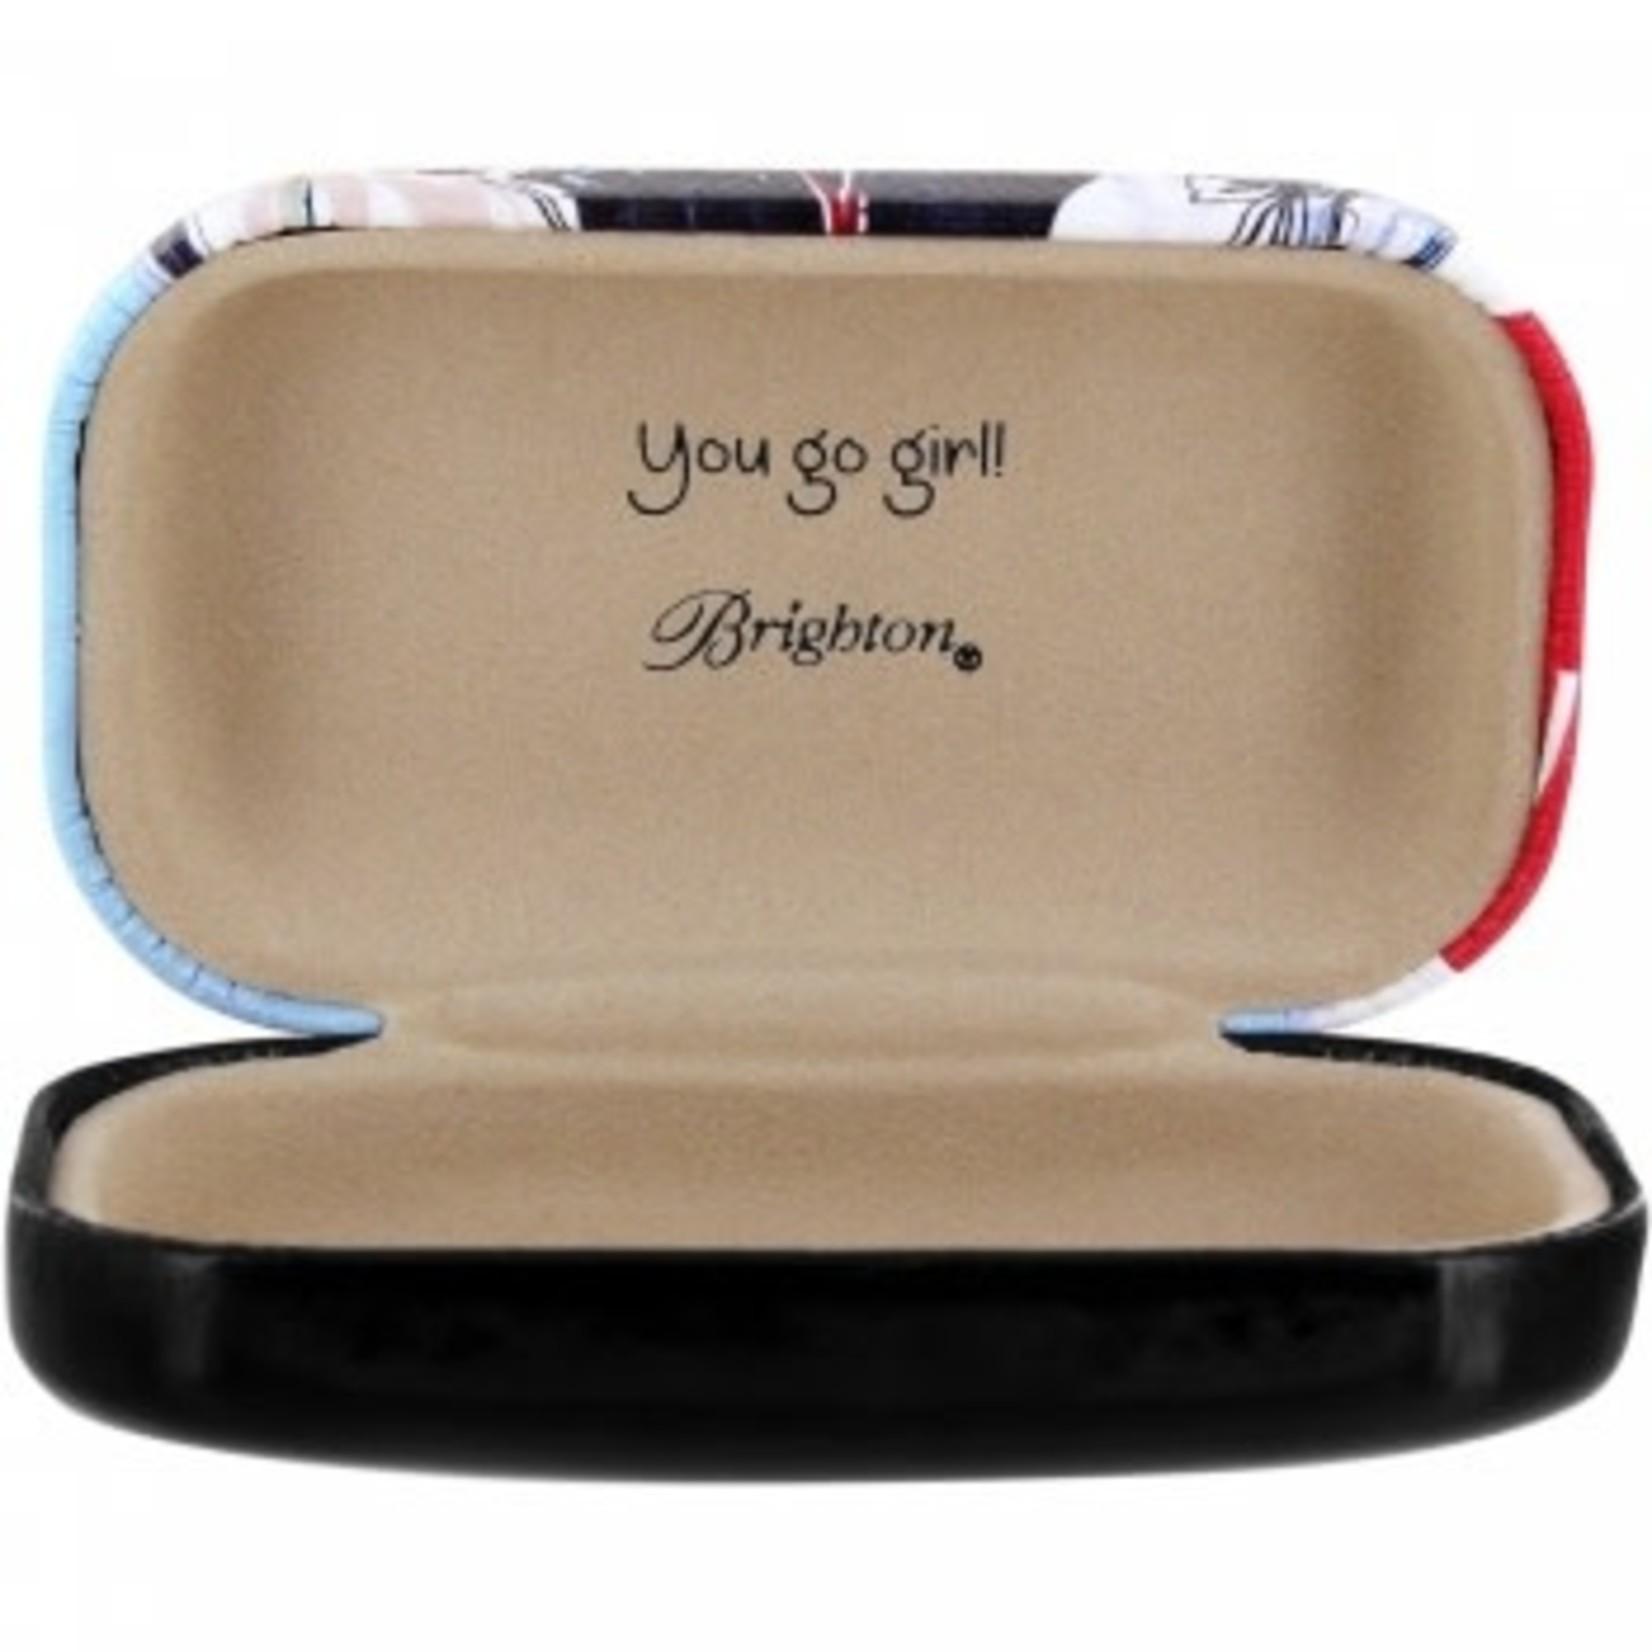 Brighton Fashionista Mini Box